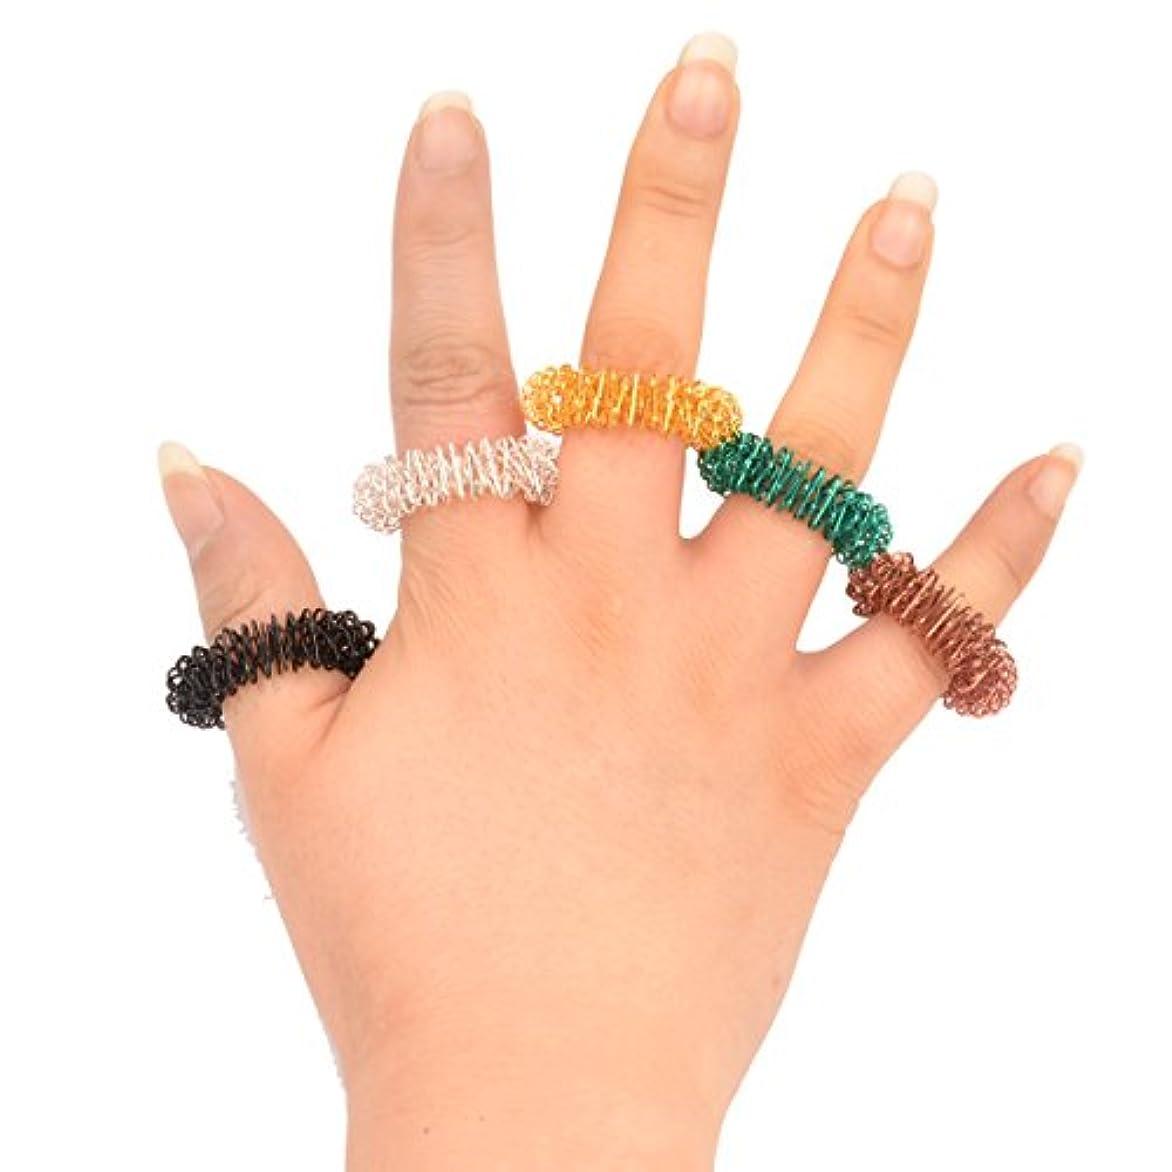 依存間接的慎重に(Ckeyin) マッサージリング 5個入り 爪もみリング 色はランダムによって配送されます (5個)